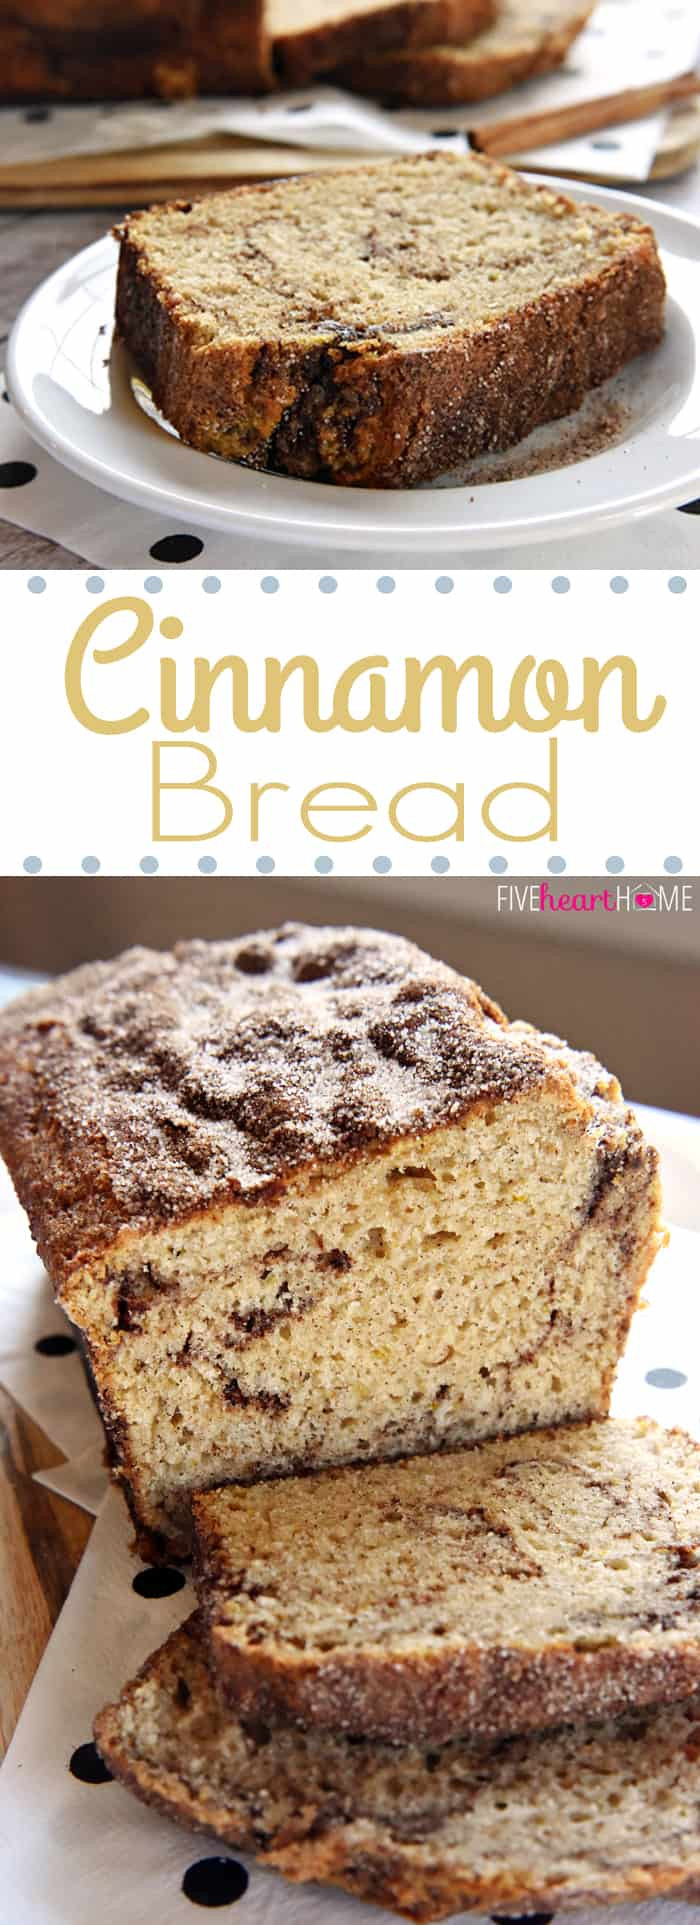 Quick Breakfast Recipes With Bread  Cinnamon Bread No Yeast Quick Bread